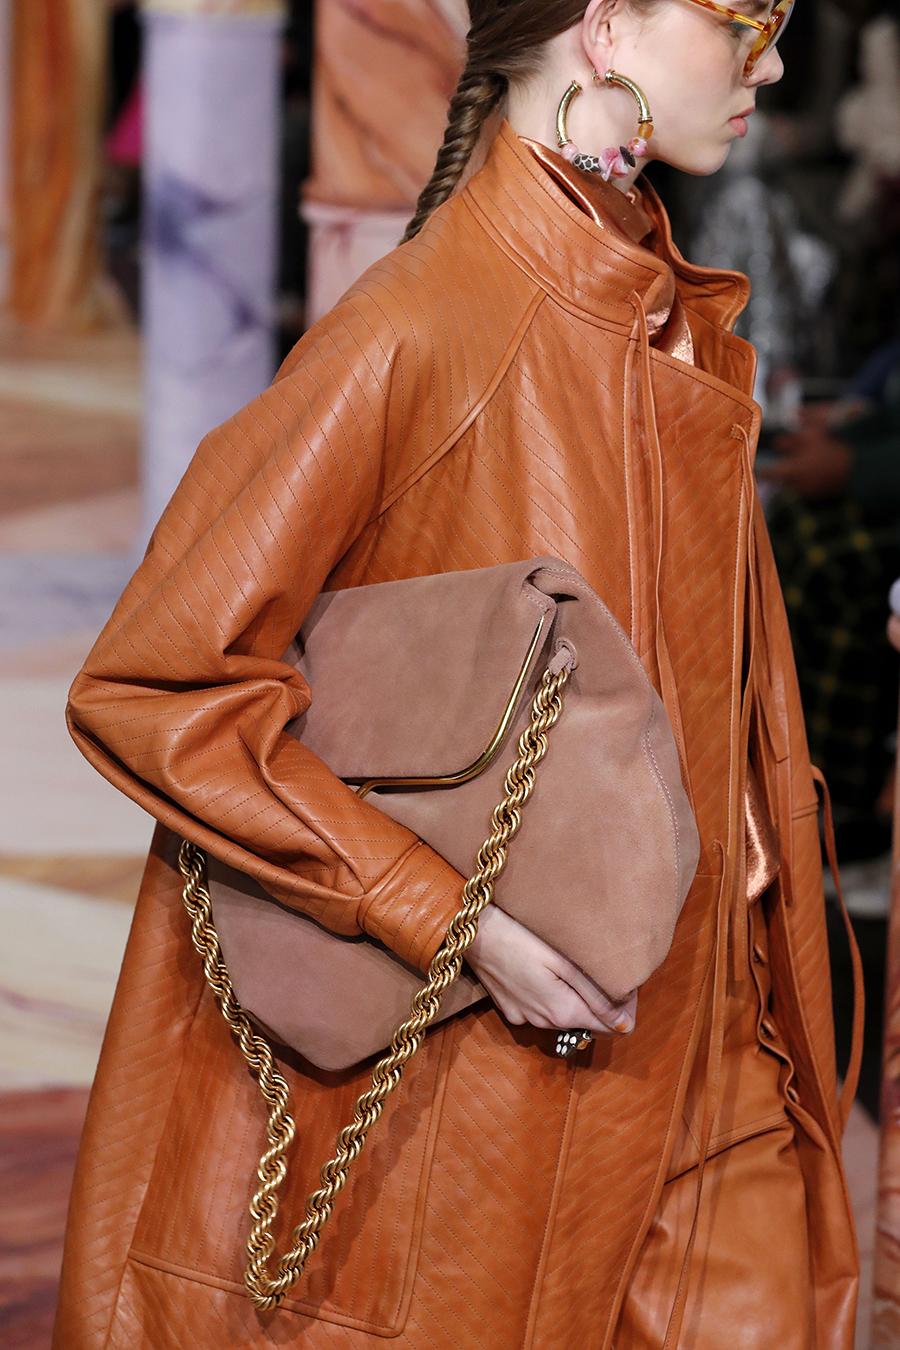 модная сумка на цепочке осень зима 2020 2021 бежевая коричневая замшевая